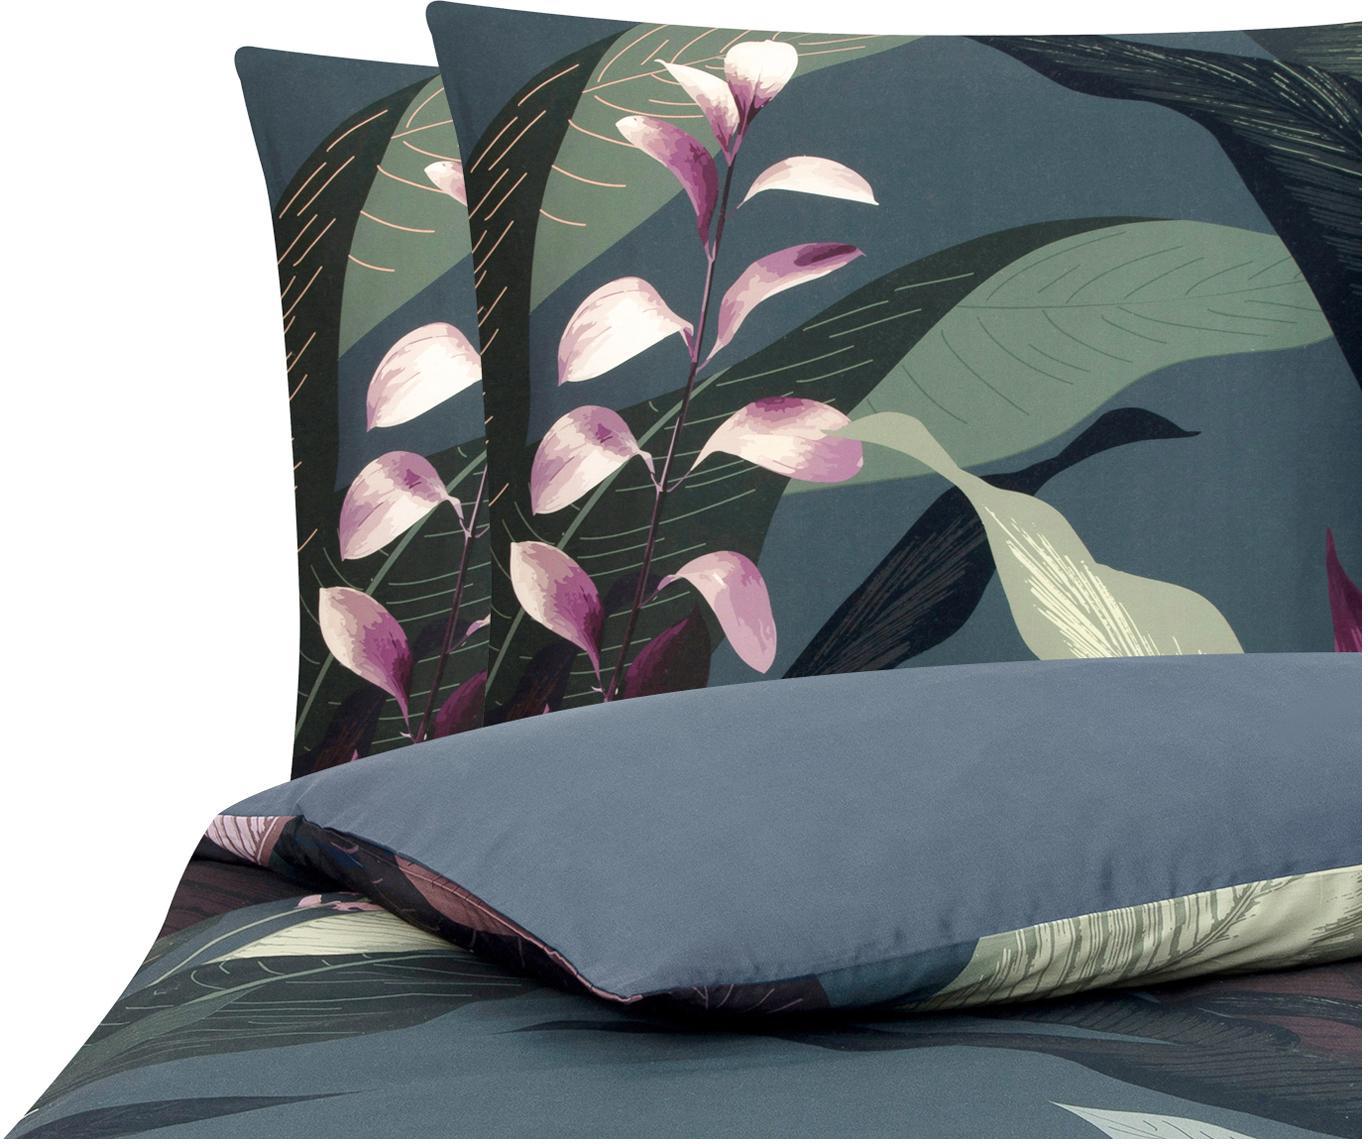 Parure copripiumino reversibile in raso di cotone Flora, Tessuto: raso Densità del filo 210, Fronte: multicolore Retro: grigio scuro, 200 x 200 cm